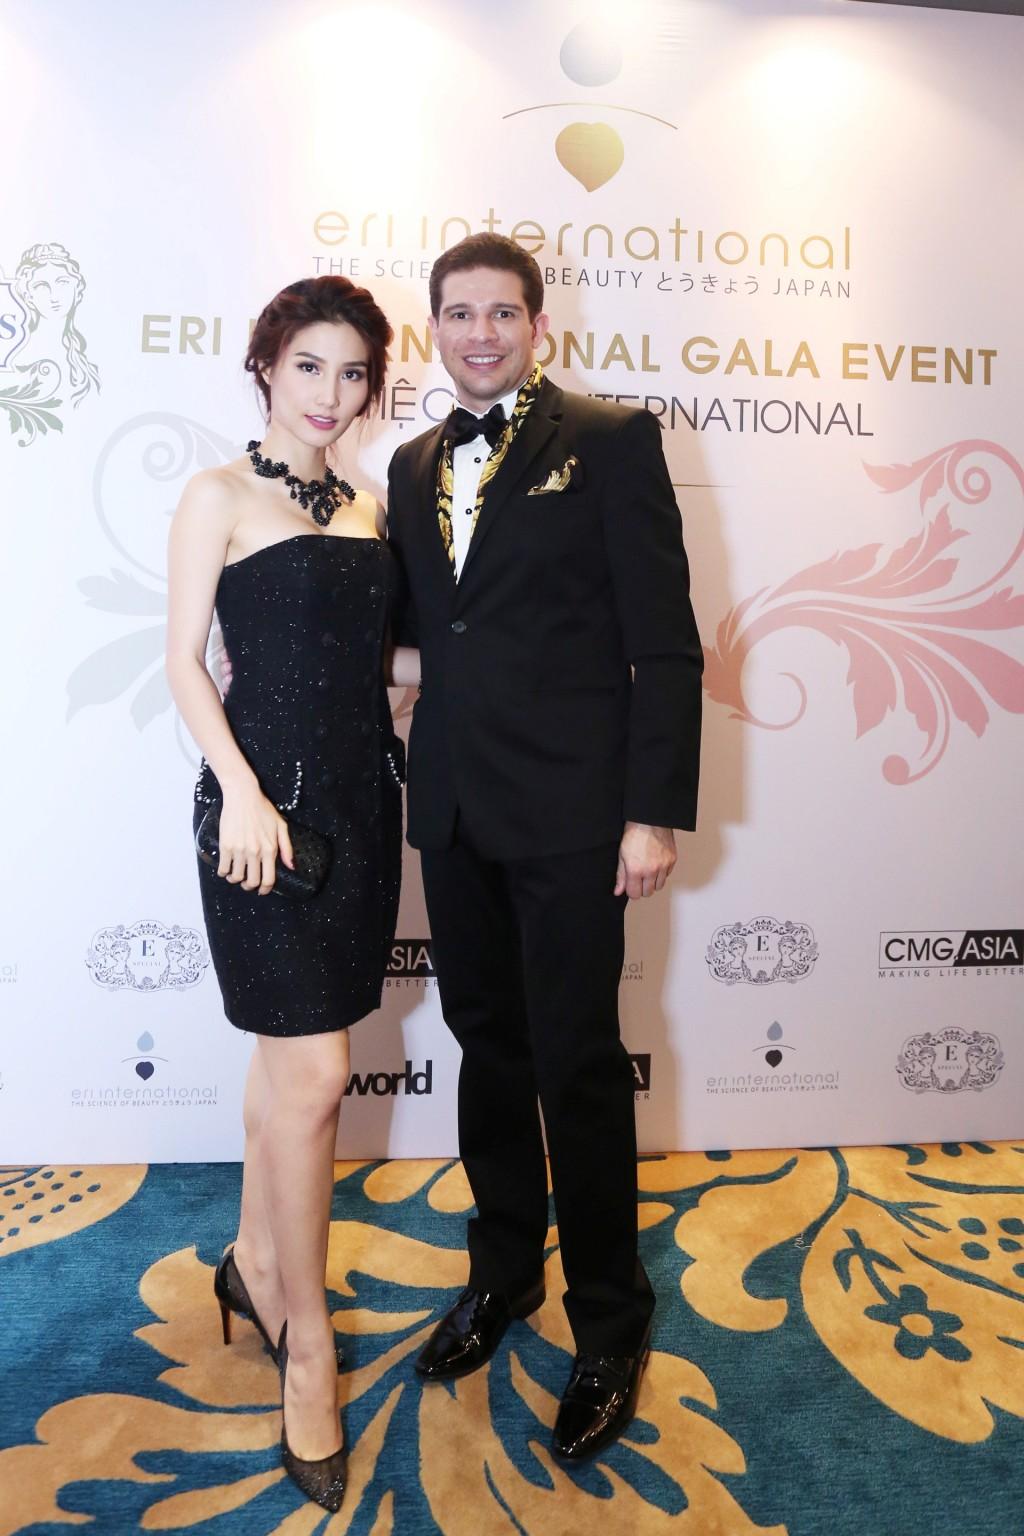 Diễm My là một trong những ngôi sao đầu tiên có mặt sự kiện khai trương.Cô chọn chiếc đầm quây đen trang nhã của nhà thiết kế Chung Thanh Phong.